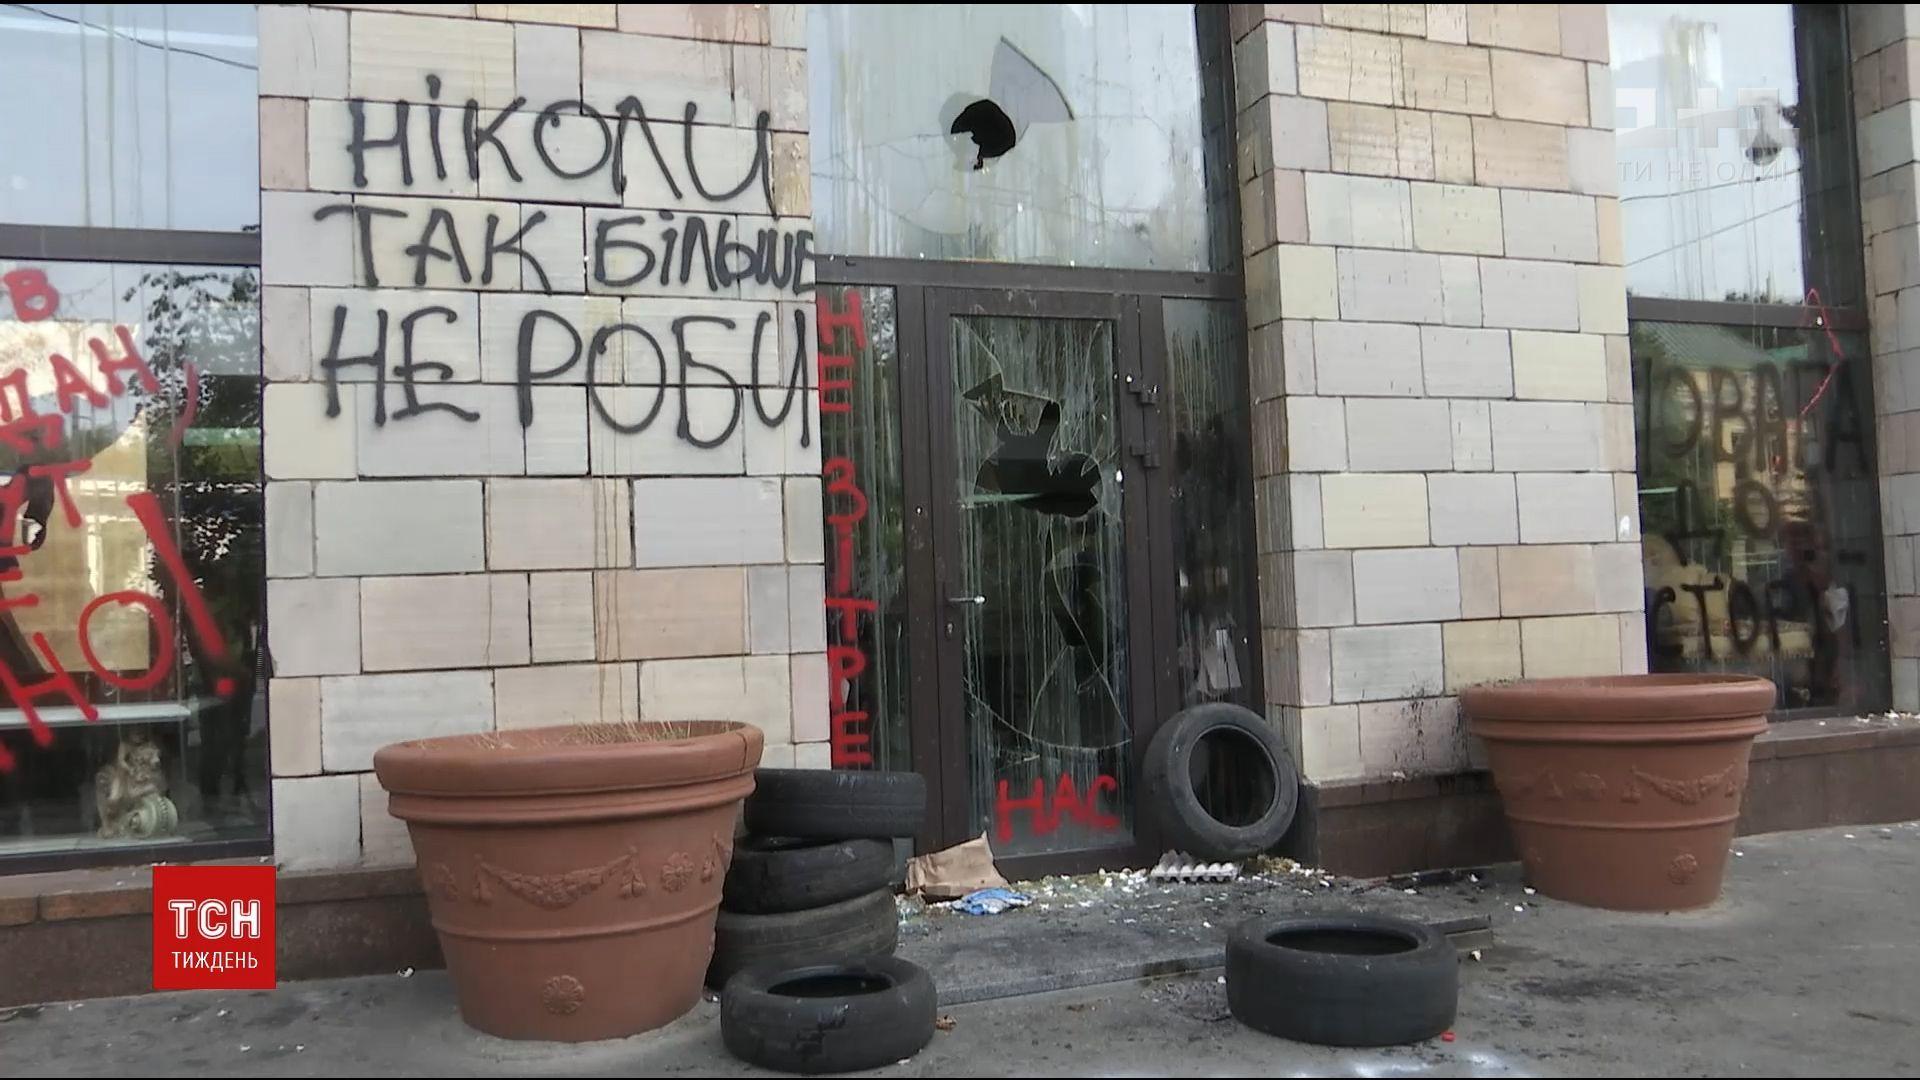 Активисты забросали яйцами магазин, который стер со своего фасада граффити времен Майдана /  фото ТСН